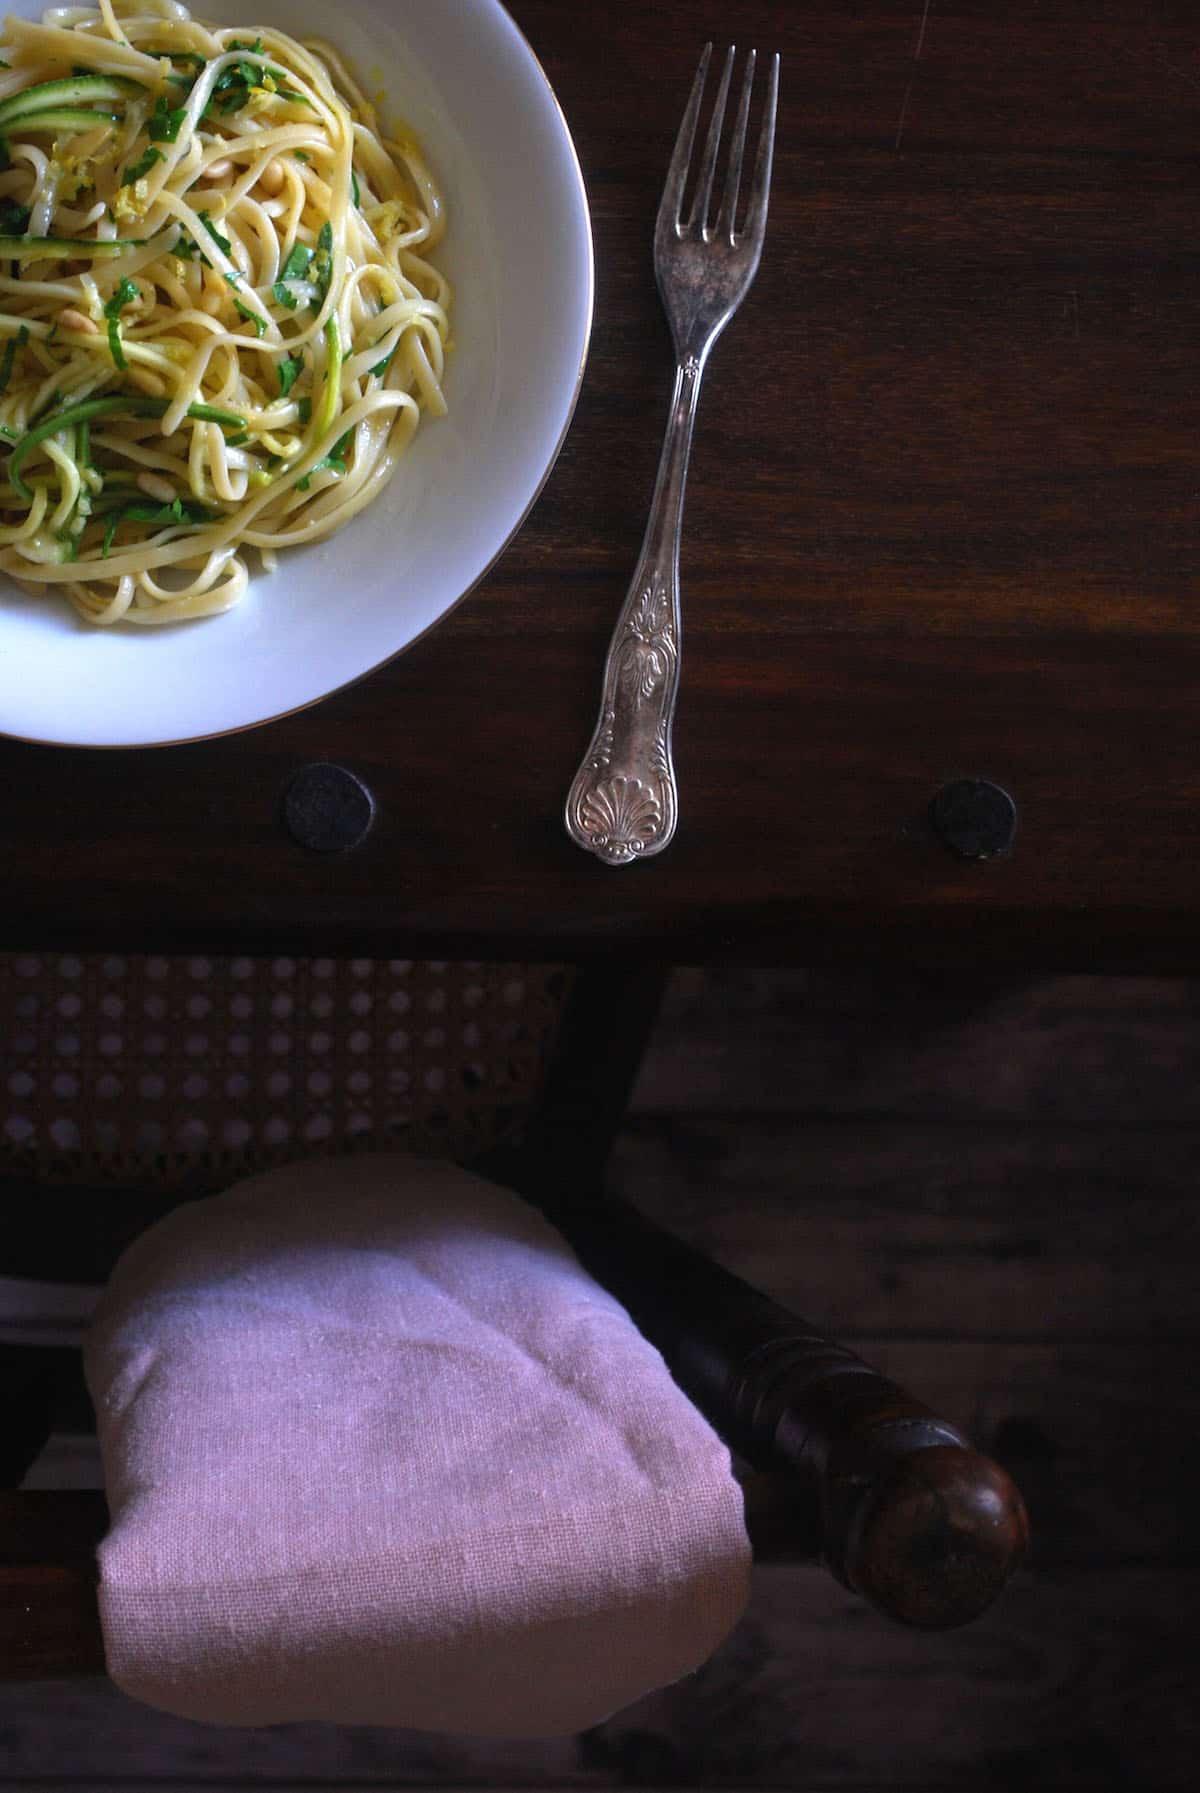 ζυμαρικά με λεμόνι, σκόρδο και κολοκυθάκια